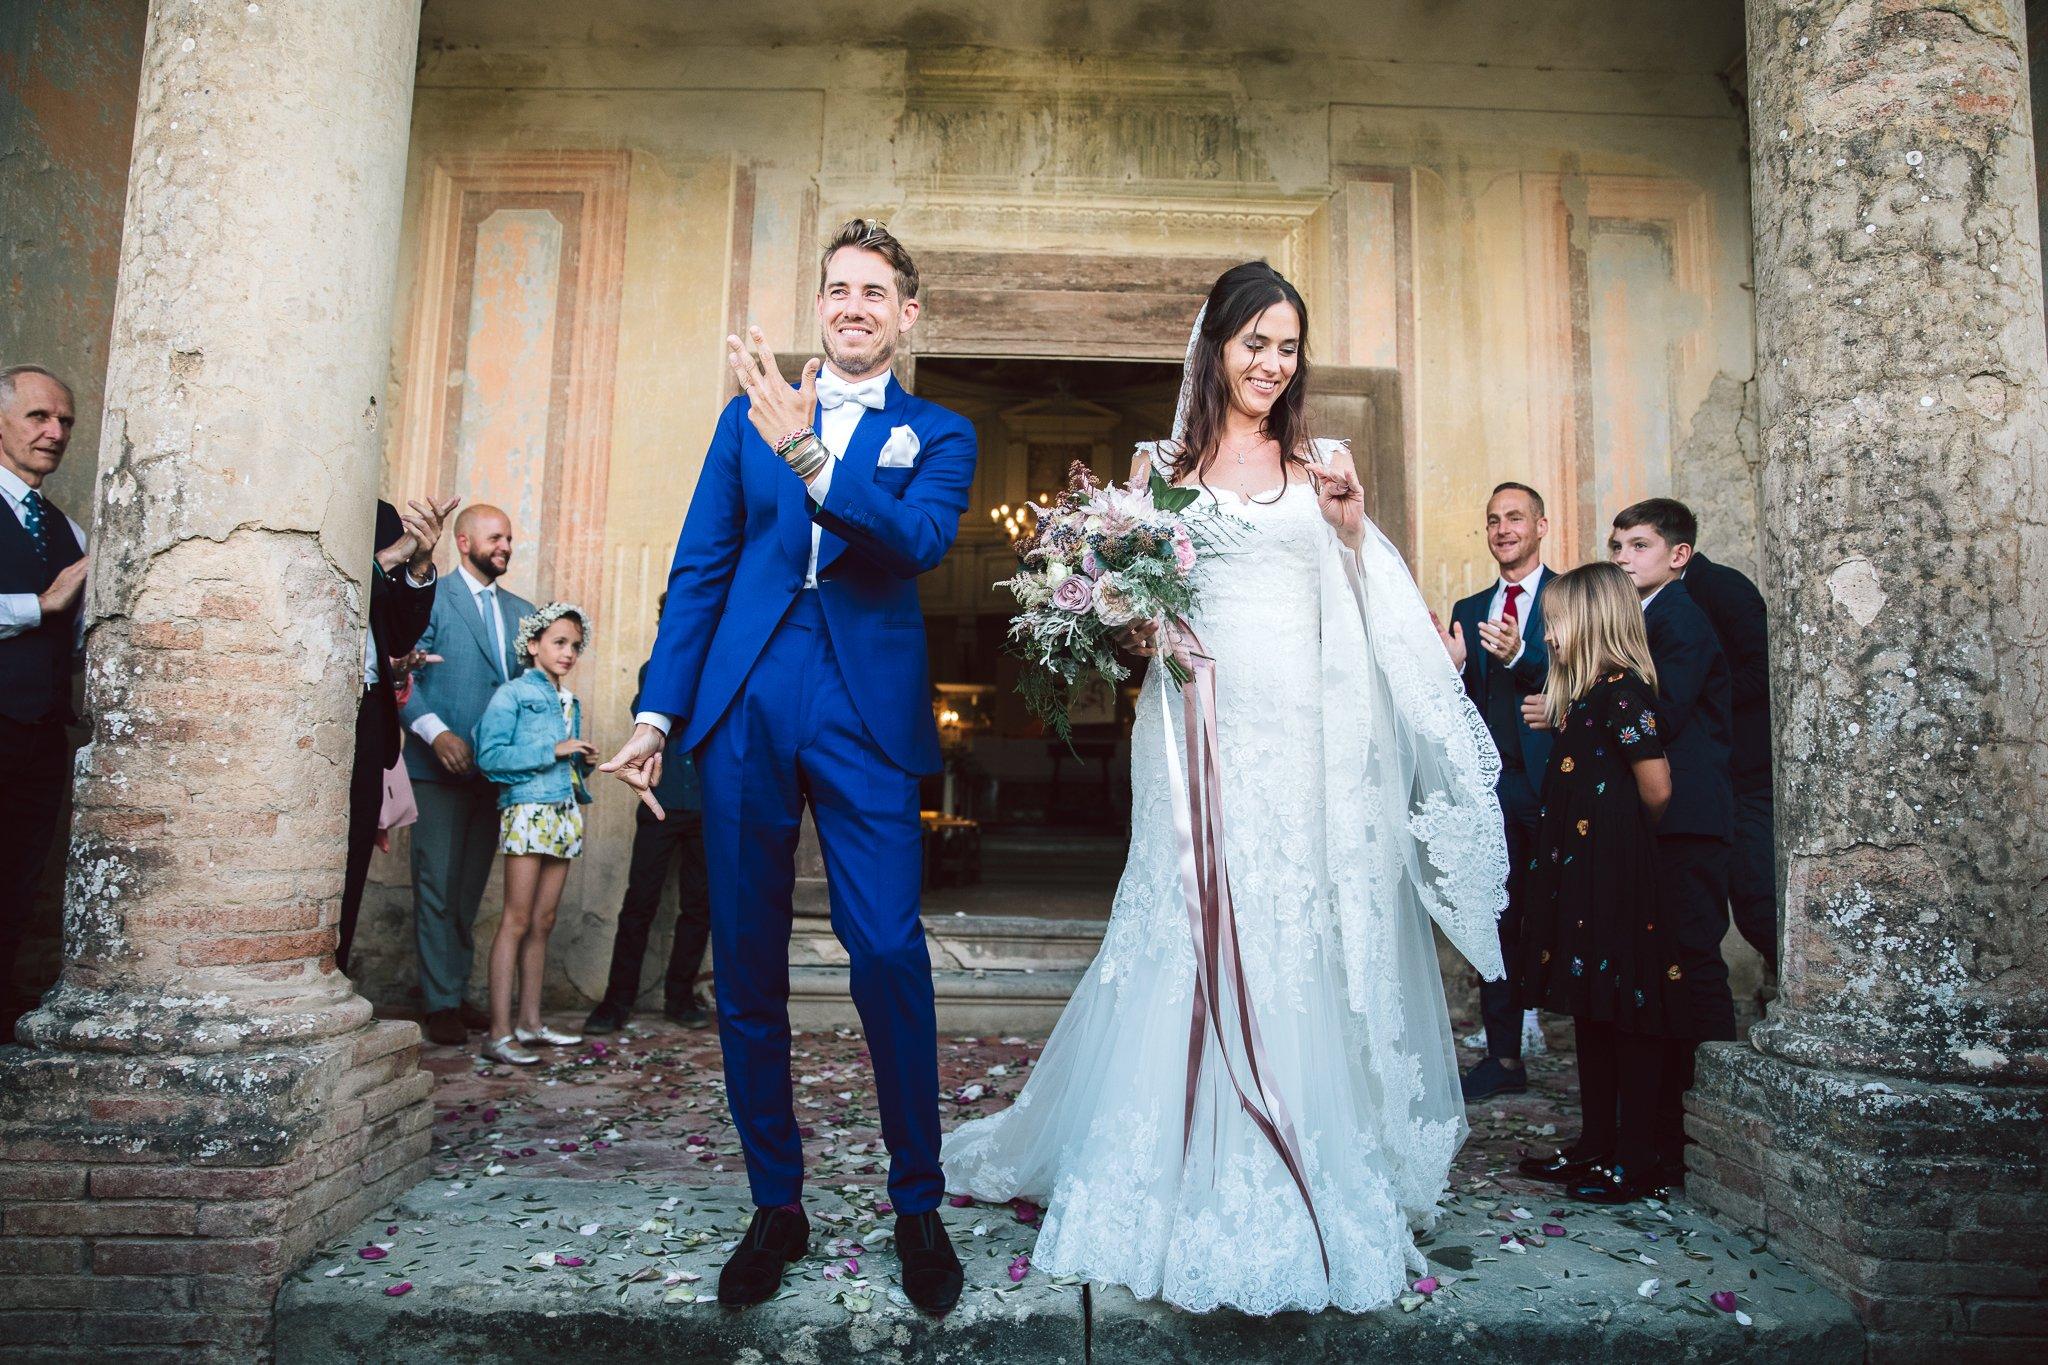 il matrimonio di antoine e clemence alla fattoria e villa di rignana in chianti vicino firenze.